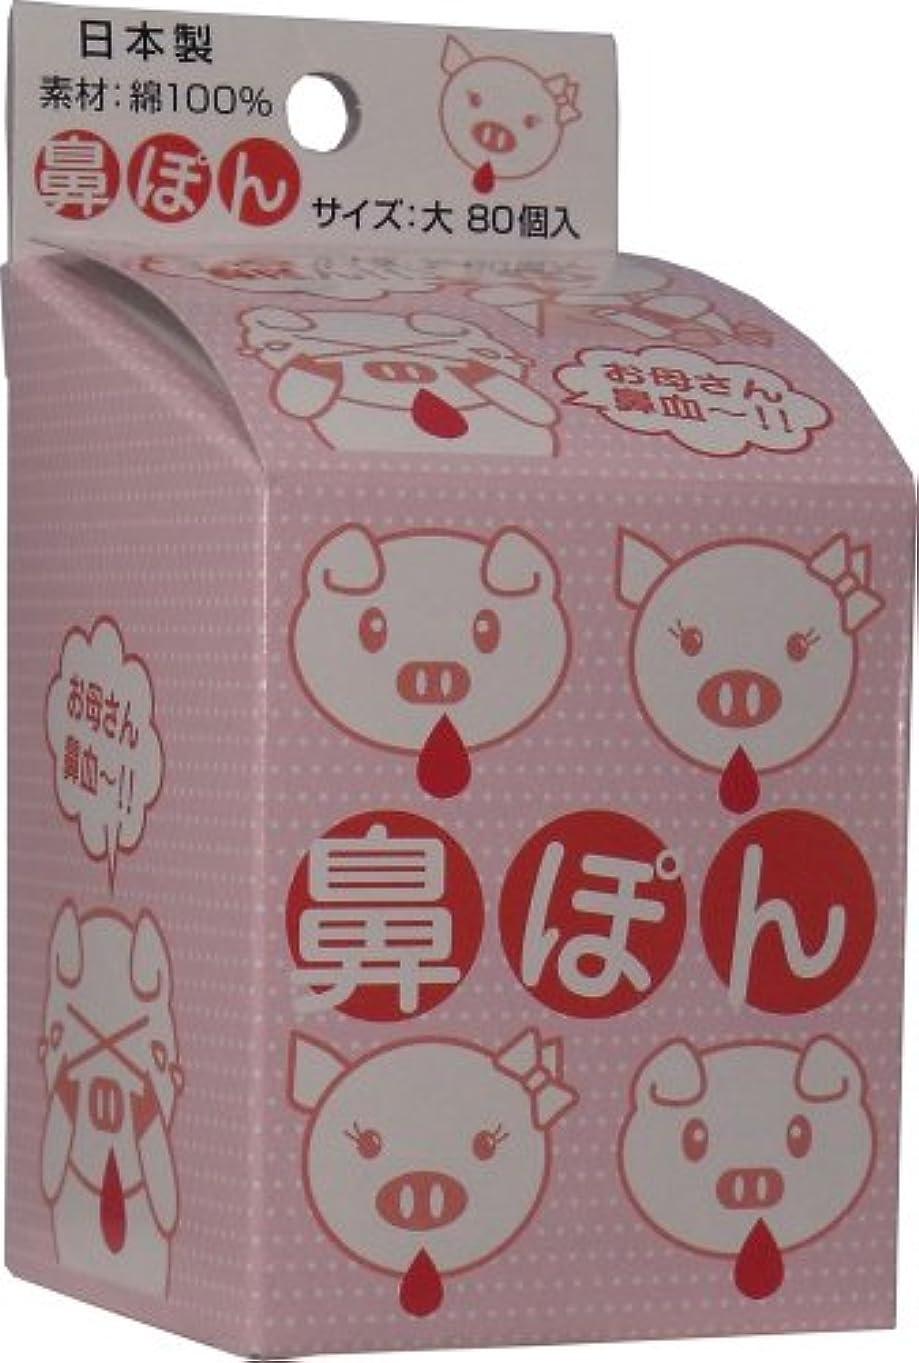 リマーク高さ矩形鼻ぽん (お母さん鼻血?) 大サイズ 80個入 (商品内訳:単品1個)